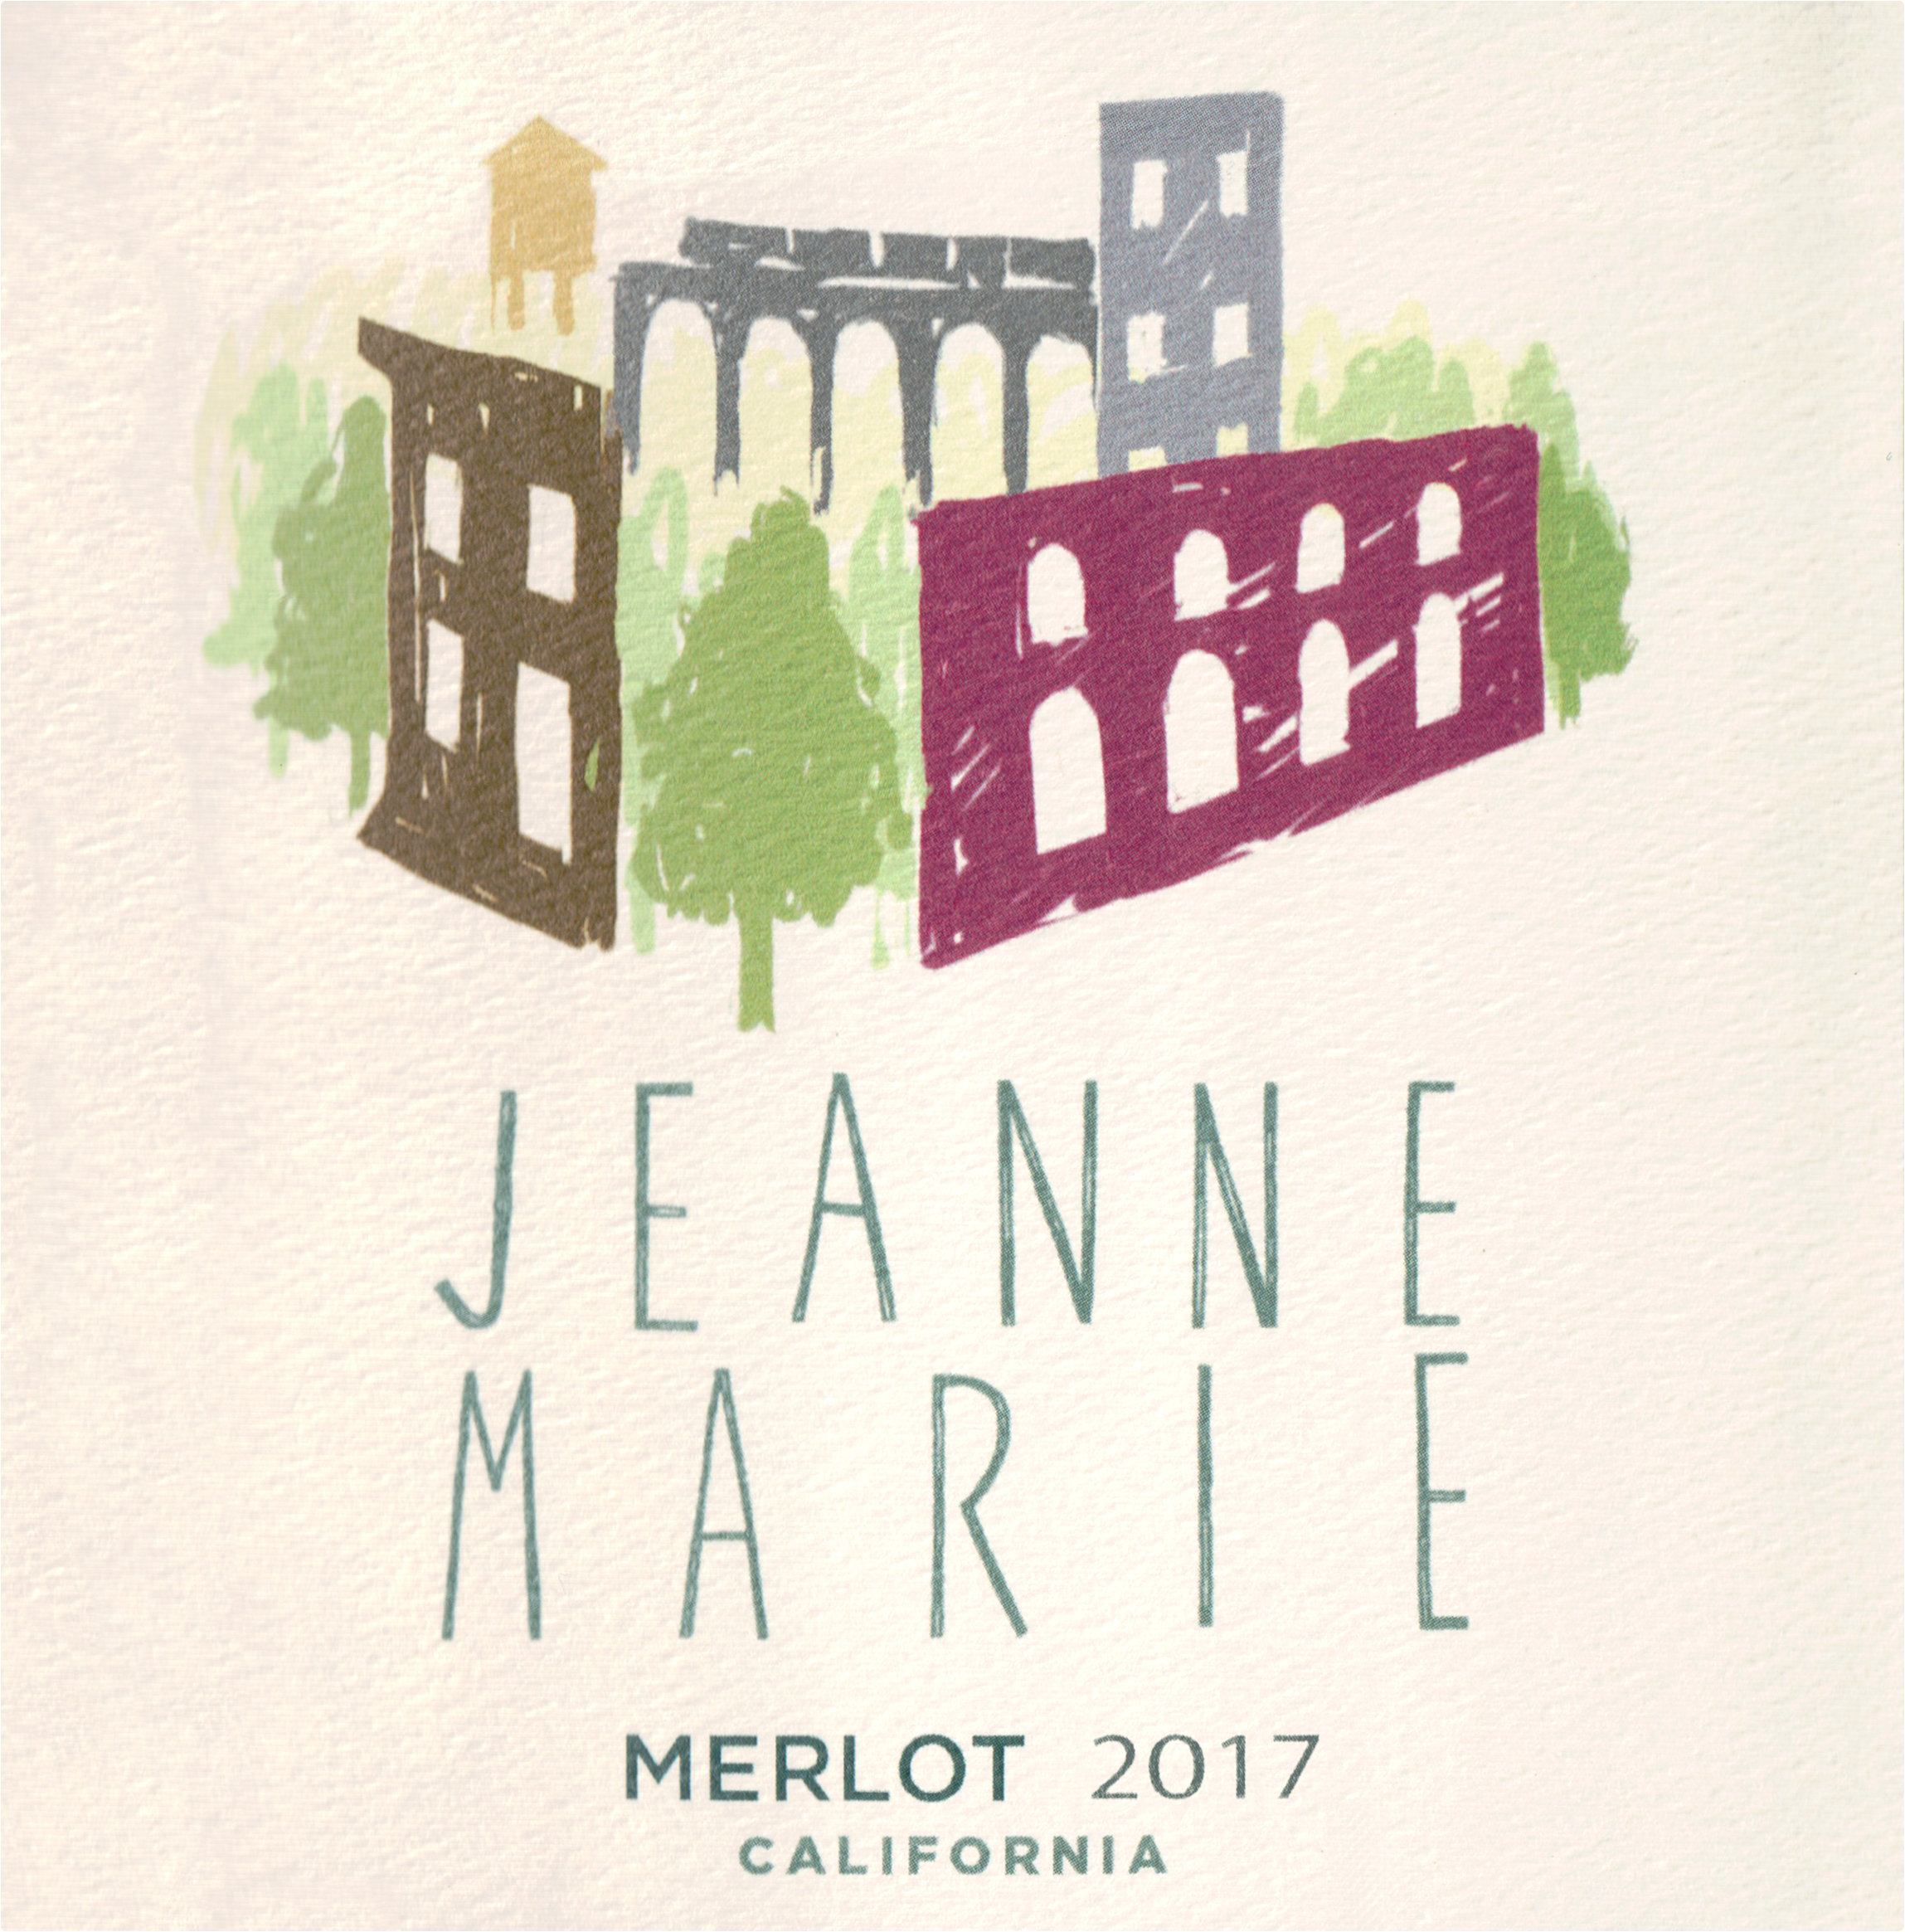 Jeanne Marie Merlot 2017